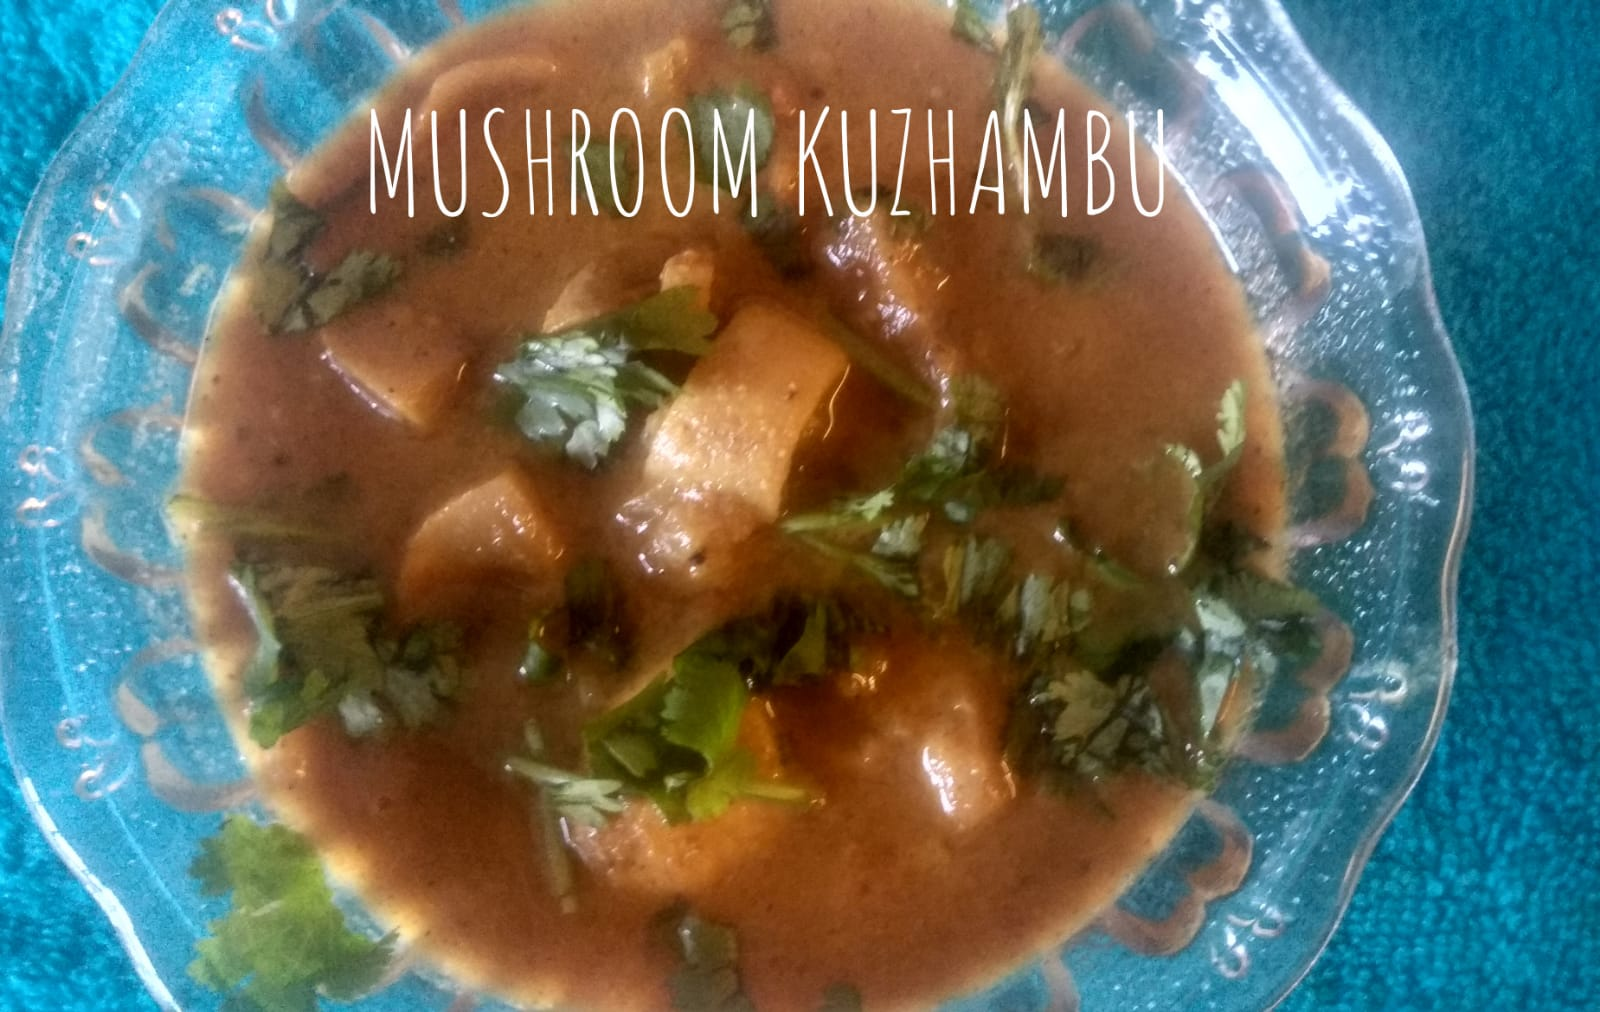 Mushroom Curry | Mushroom Kuzhambu